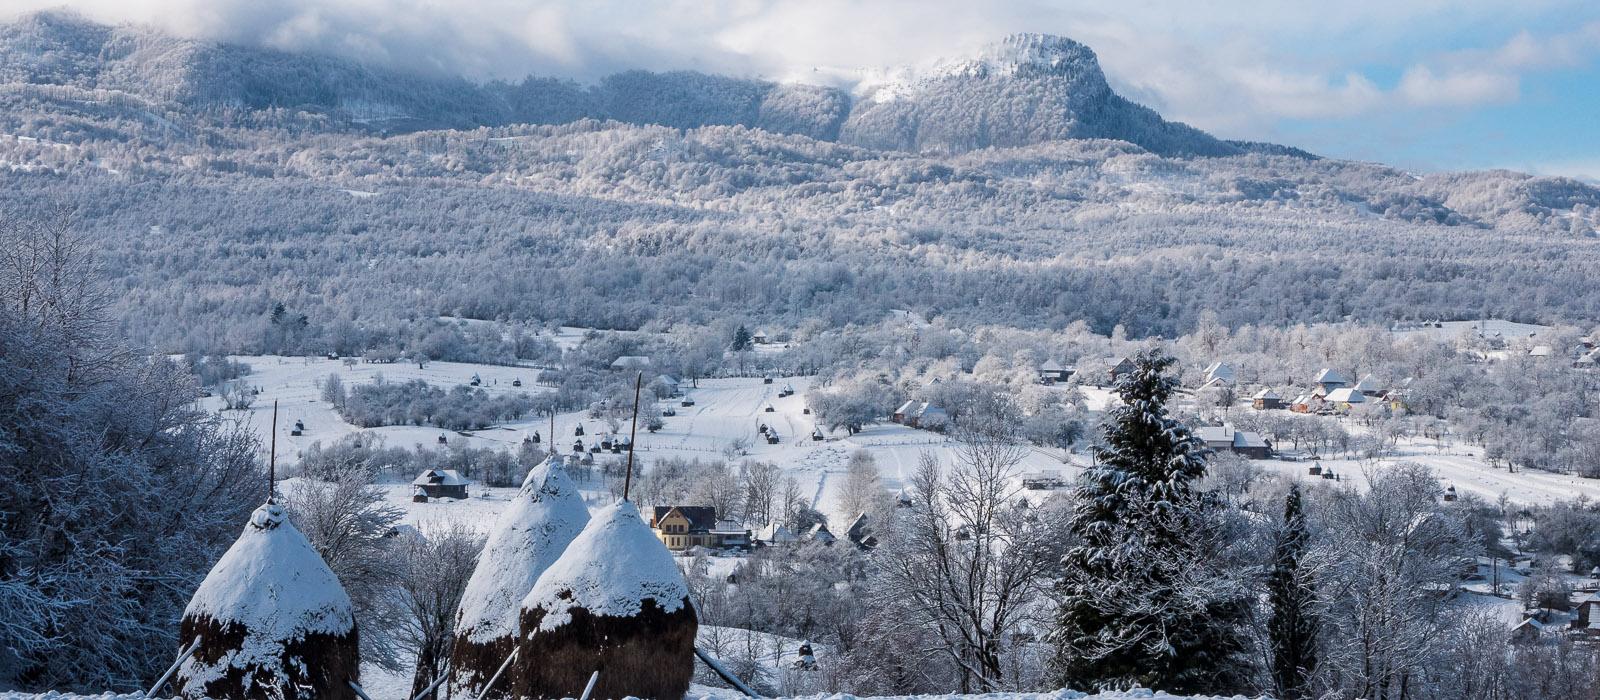 Góry, gościnność, folk i architektura? Maramuresz! 11 niewątpliwych zalet ludowego serca Europy